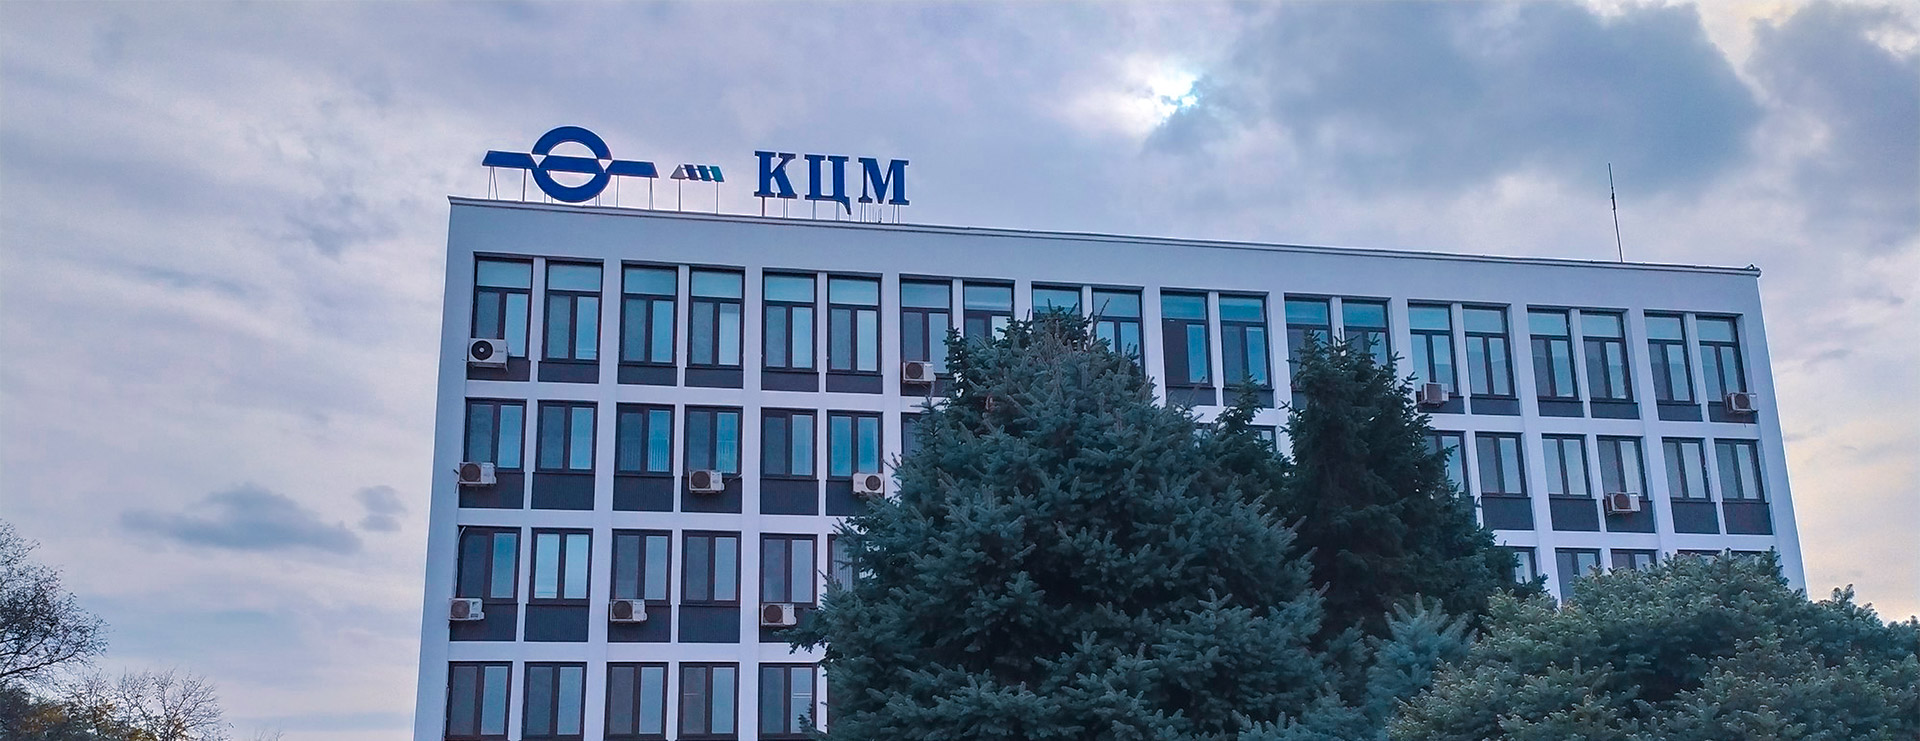 kcm-bg3.jpg